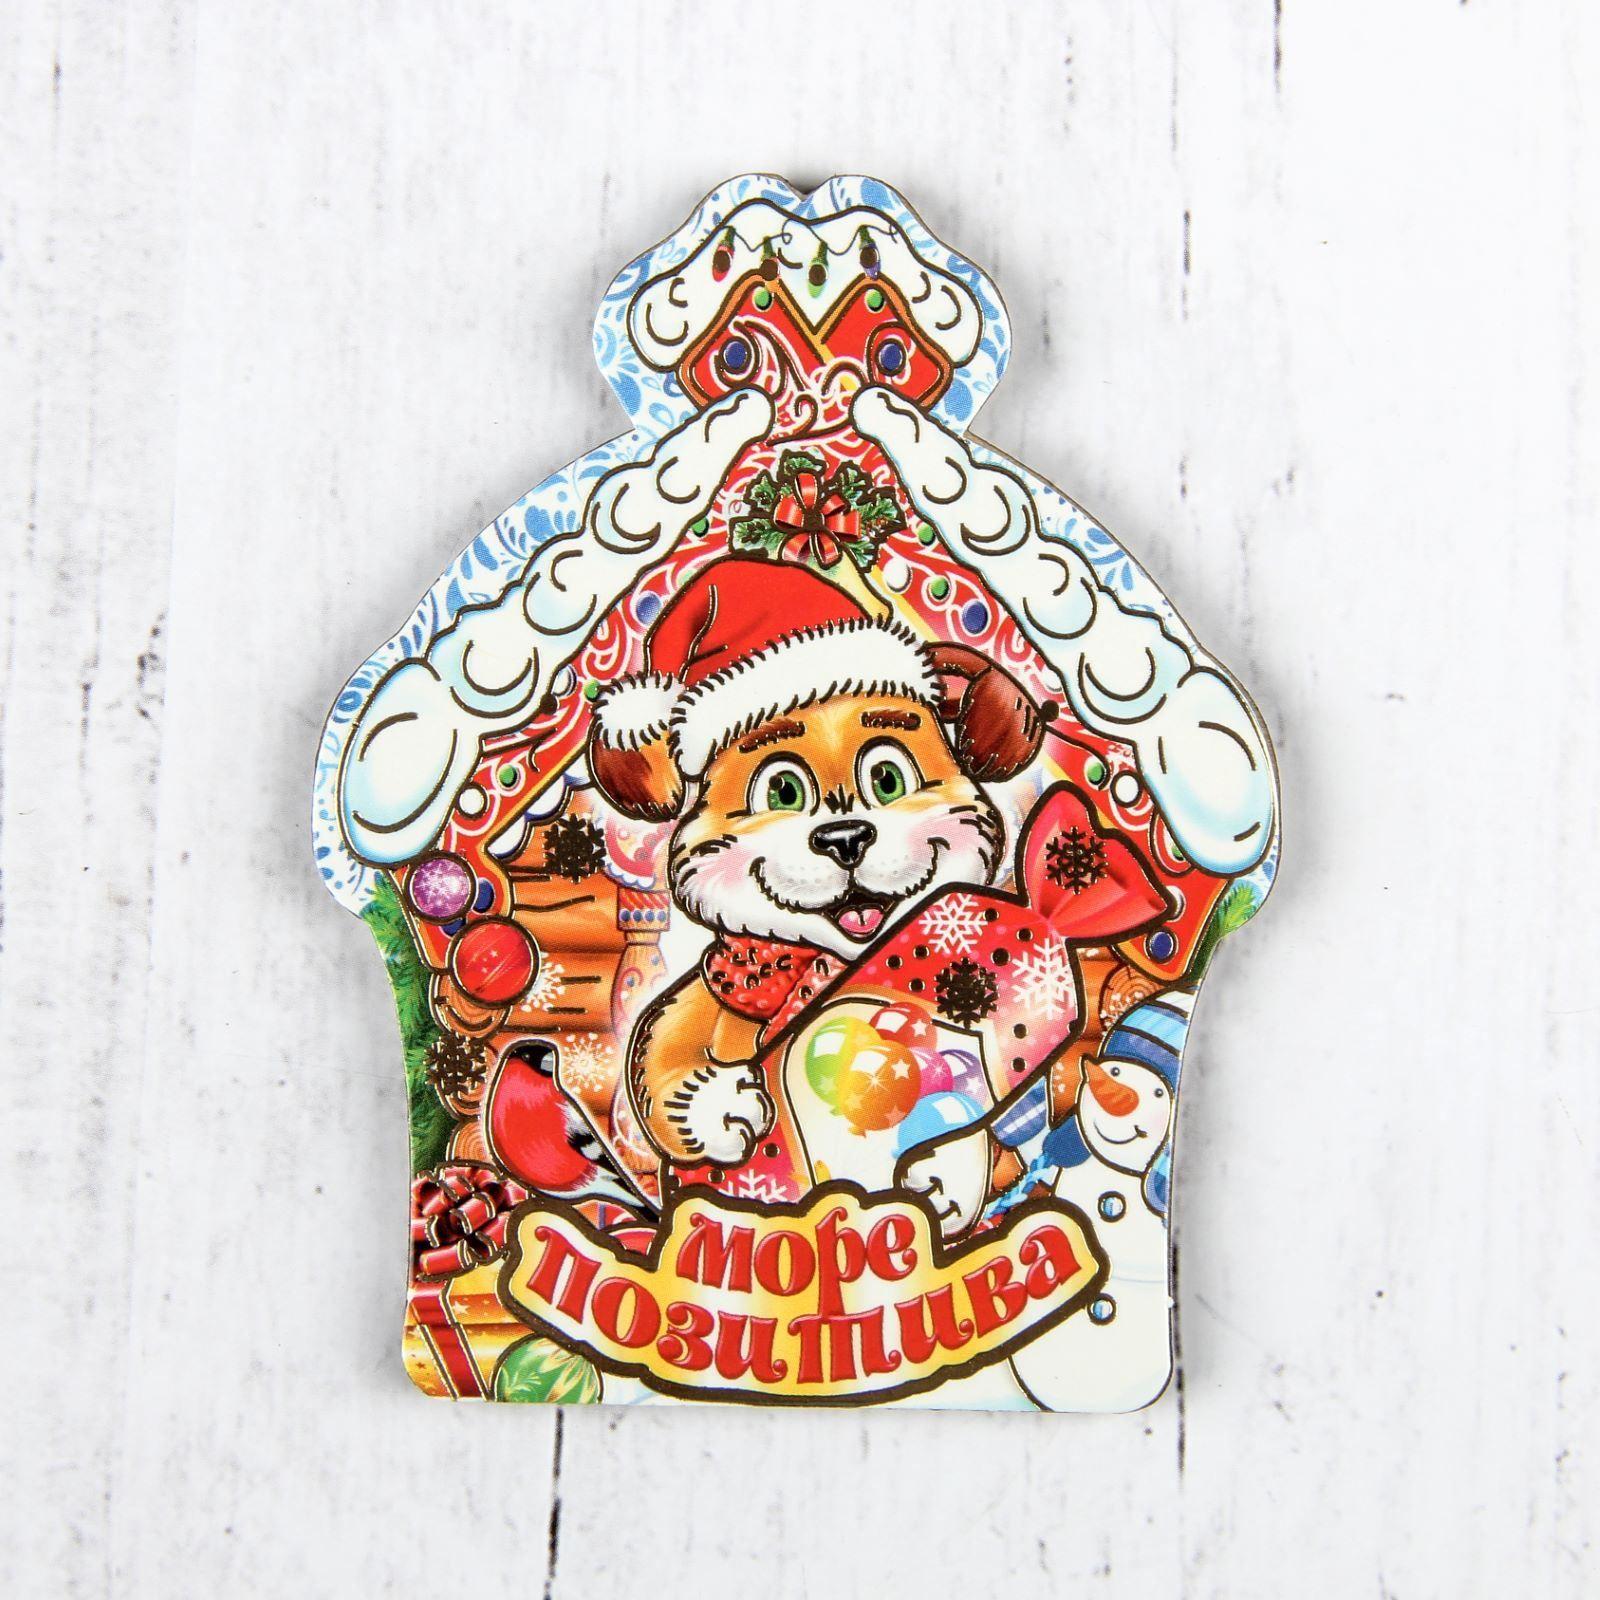 Магнит Sima-land Новогодний. 2018, 10 х 7,5 см. 25324212532421Порадуйте родных и близких оригинальным сувениром: преподнесите в подарок магнит. С ним даже самый серьёзный человек почувствует себя ребёнком, ожидающим чудо! Создайте праздничное настроение, и оно останется с вами на весь год.